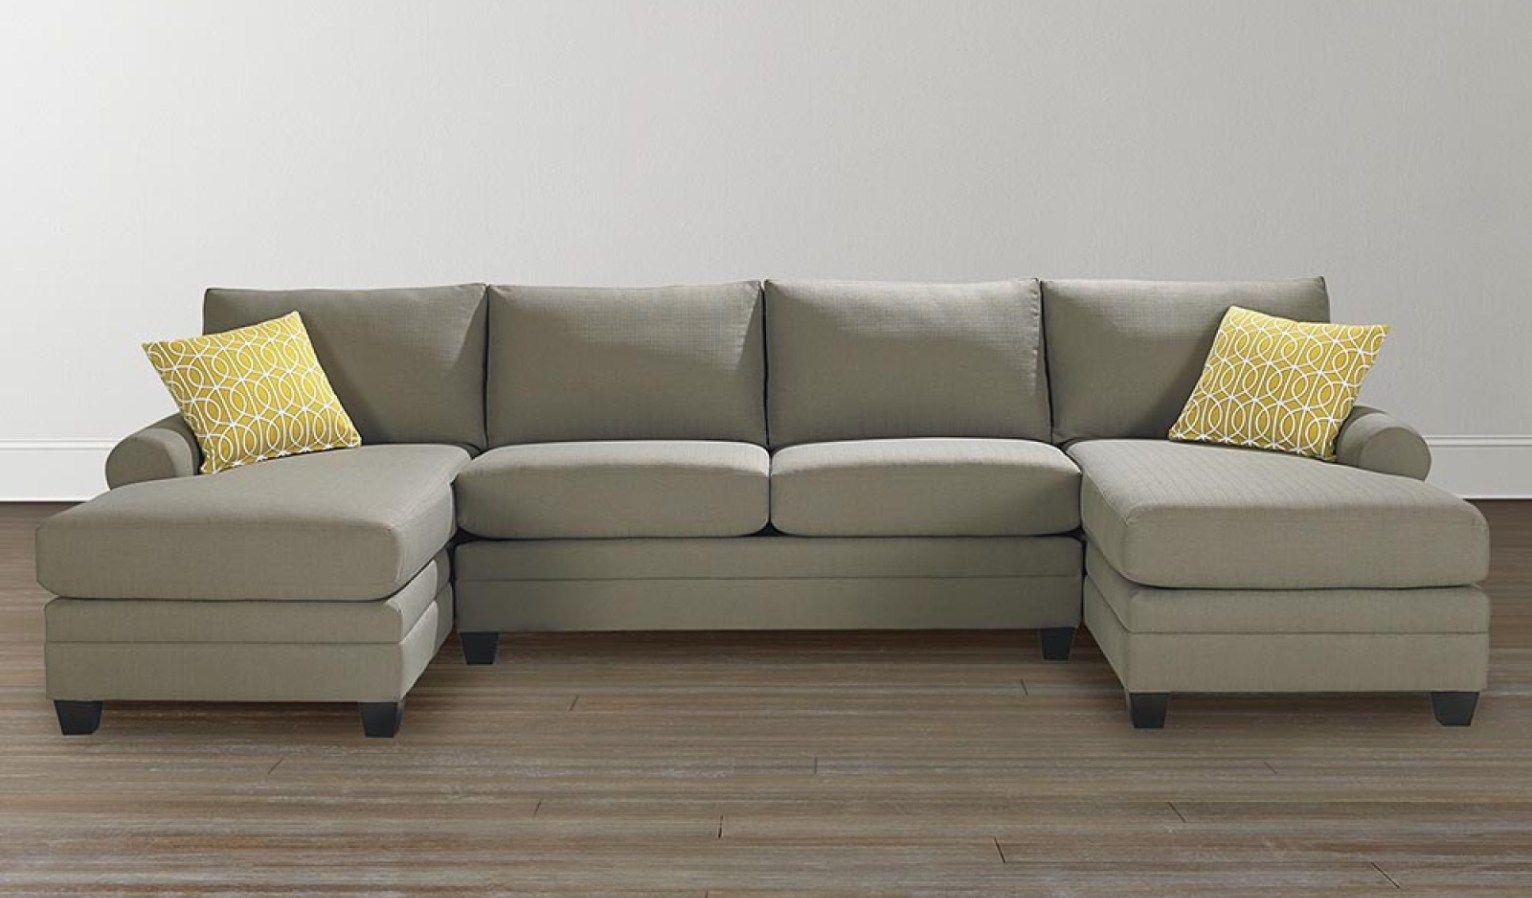 Sectional Sofas Mit Chaiselongue Im Gegensatz Zu Einem Normalen Sofa Dieses Mobel Hat Seinen Rucken Entlang Der Breite Des Stuhls Ad Sofas Chaiselongue Und Stuhle